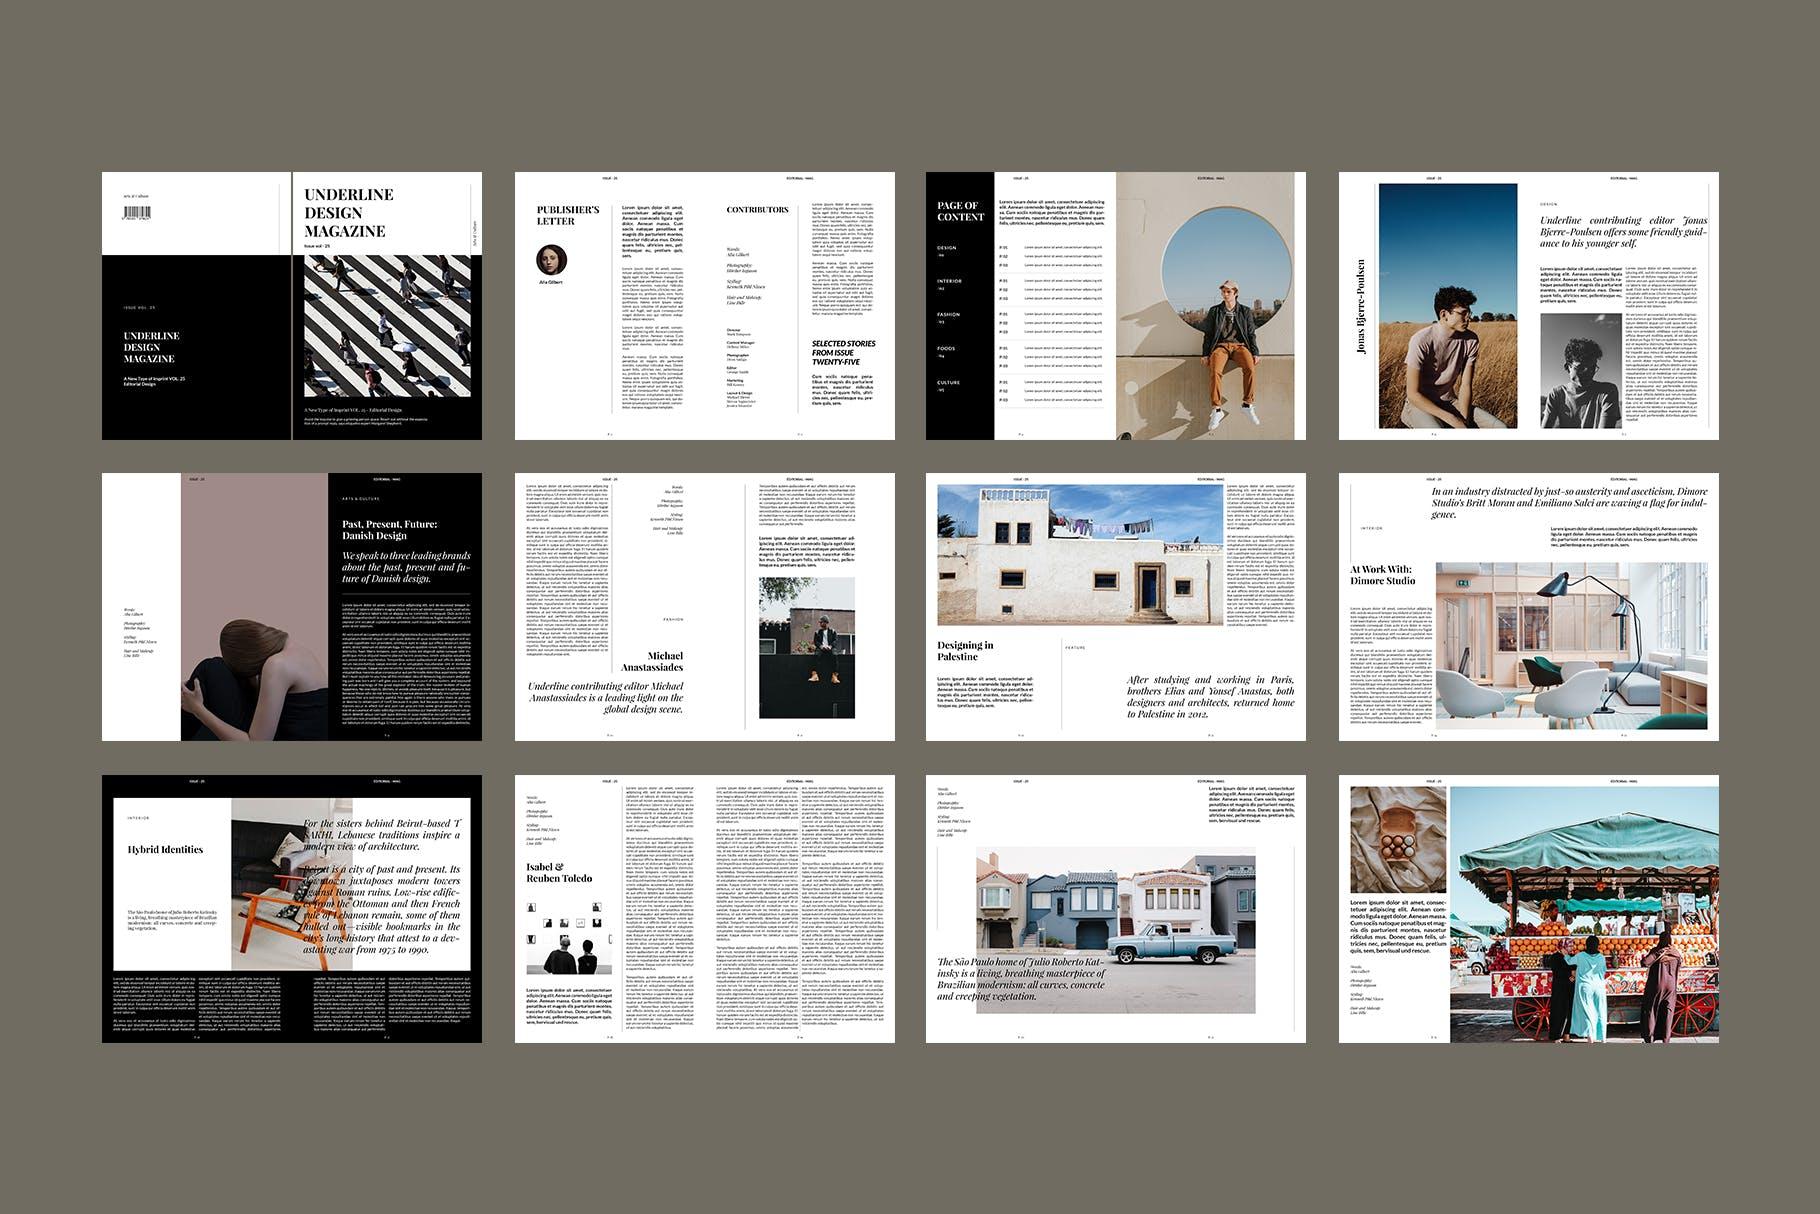 现代时尚摄影作品集设计画册INDD模板 Magazine Template插图(5)